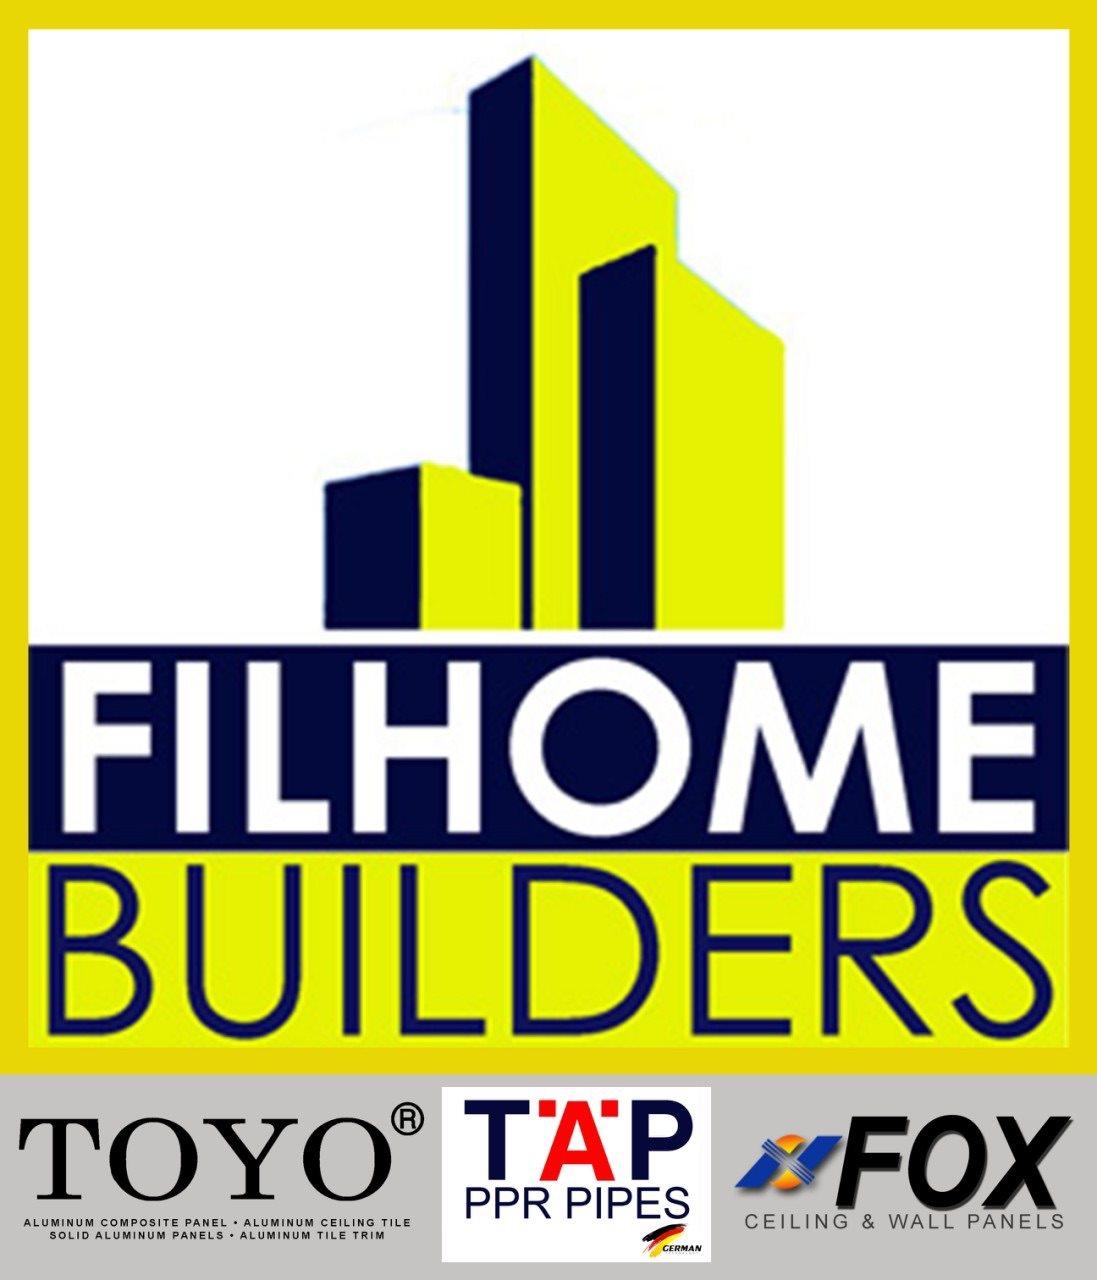 Filhome Builders Center Inc